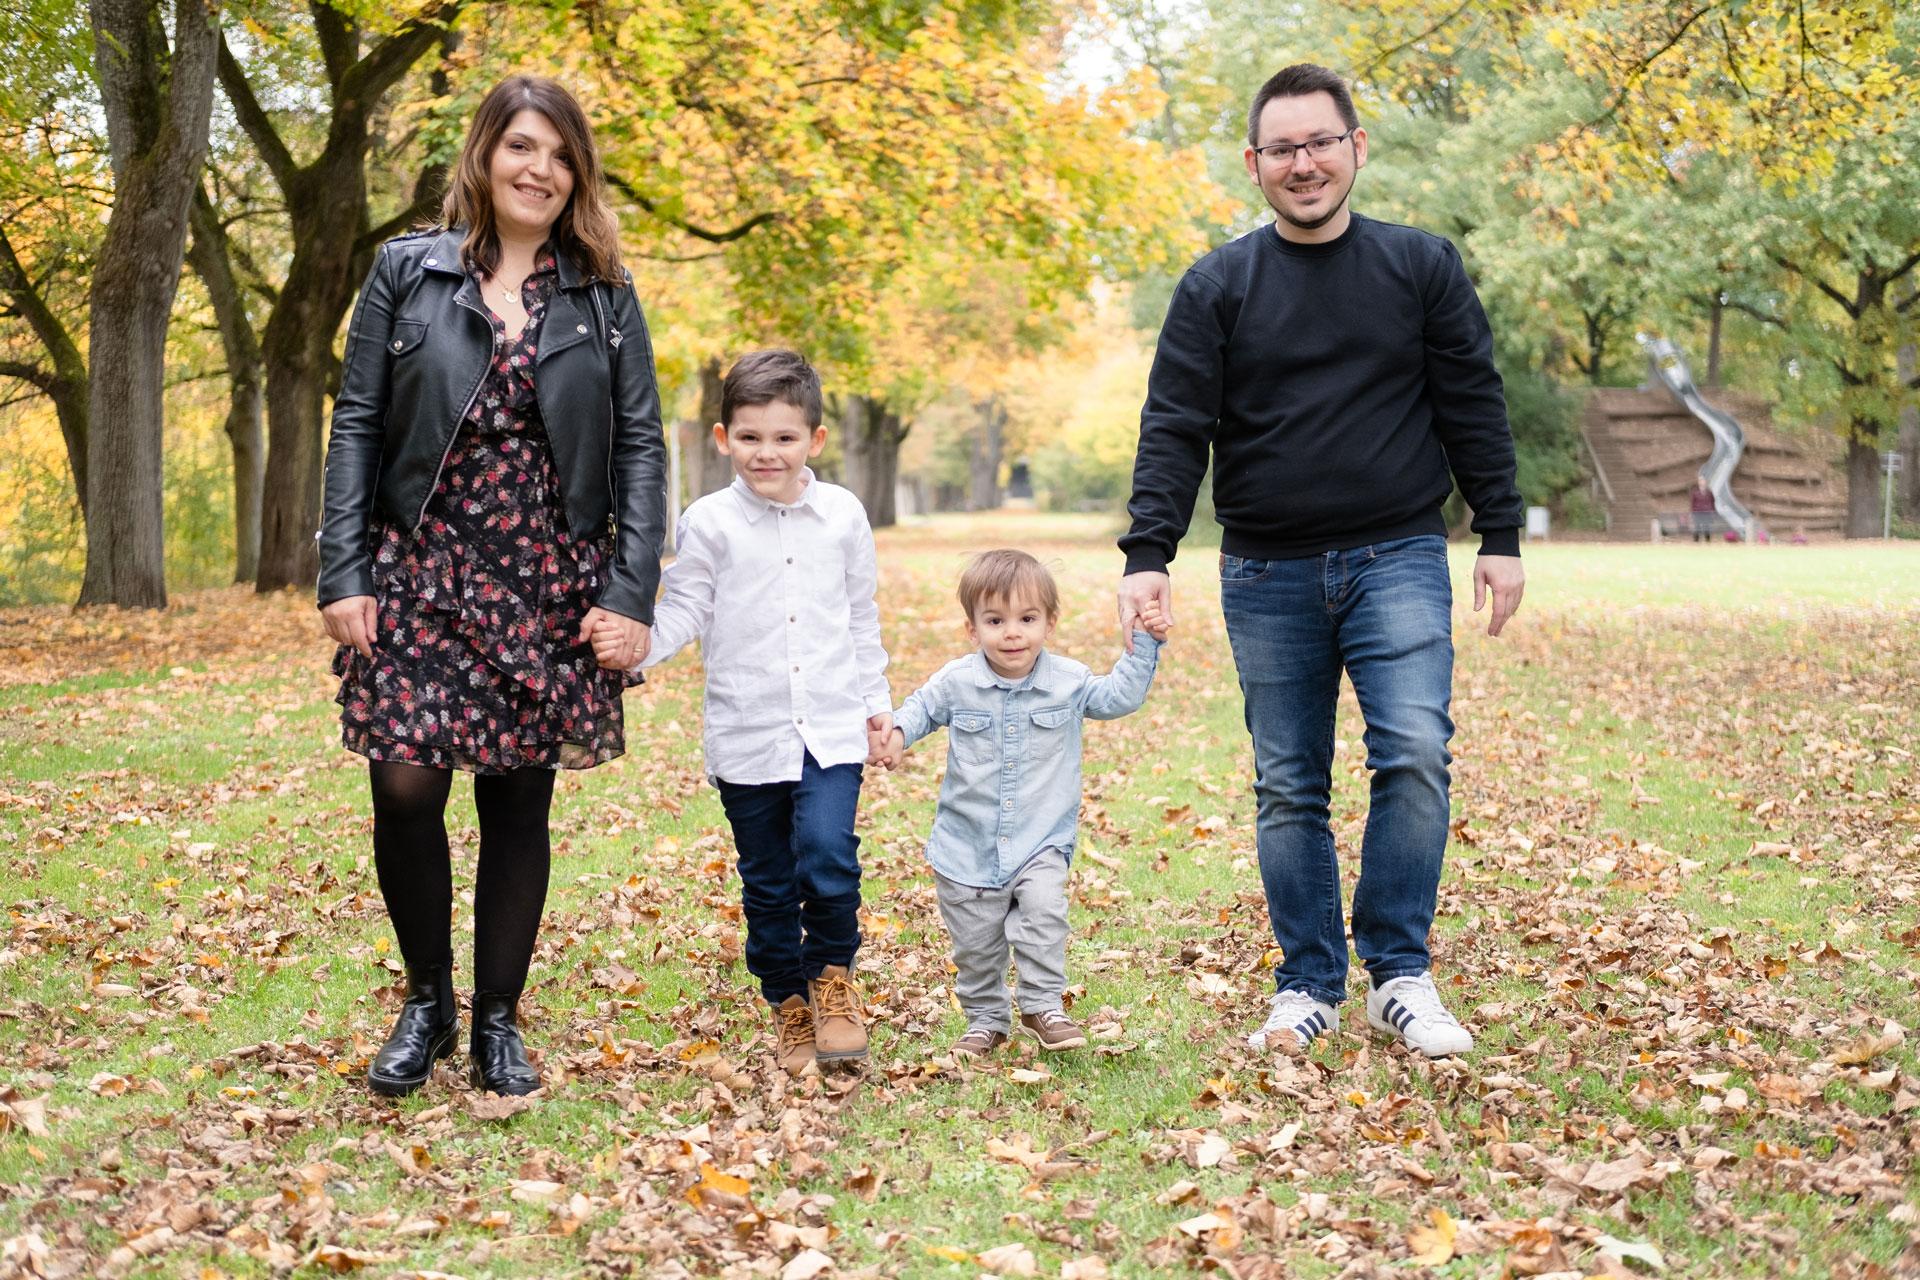 Familienbilder Herbst - Familienfotografie Bamberg